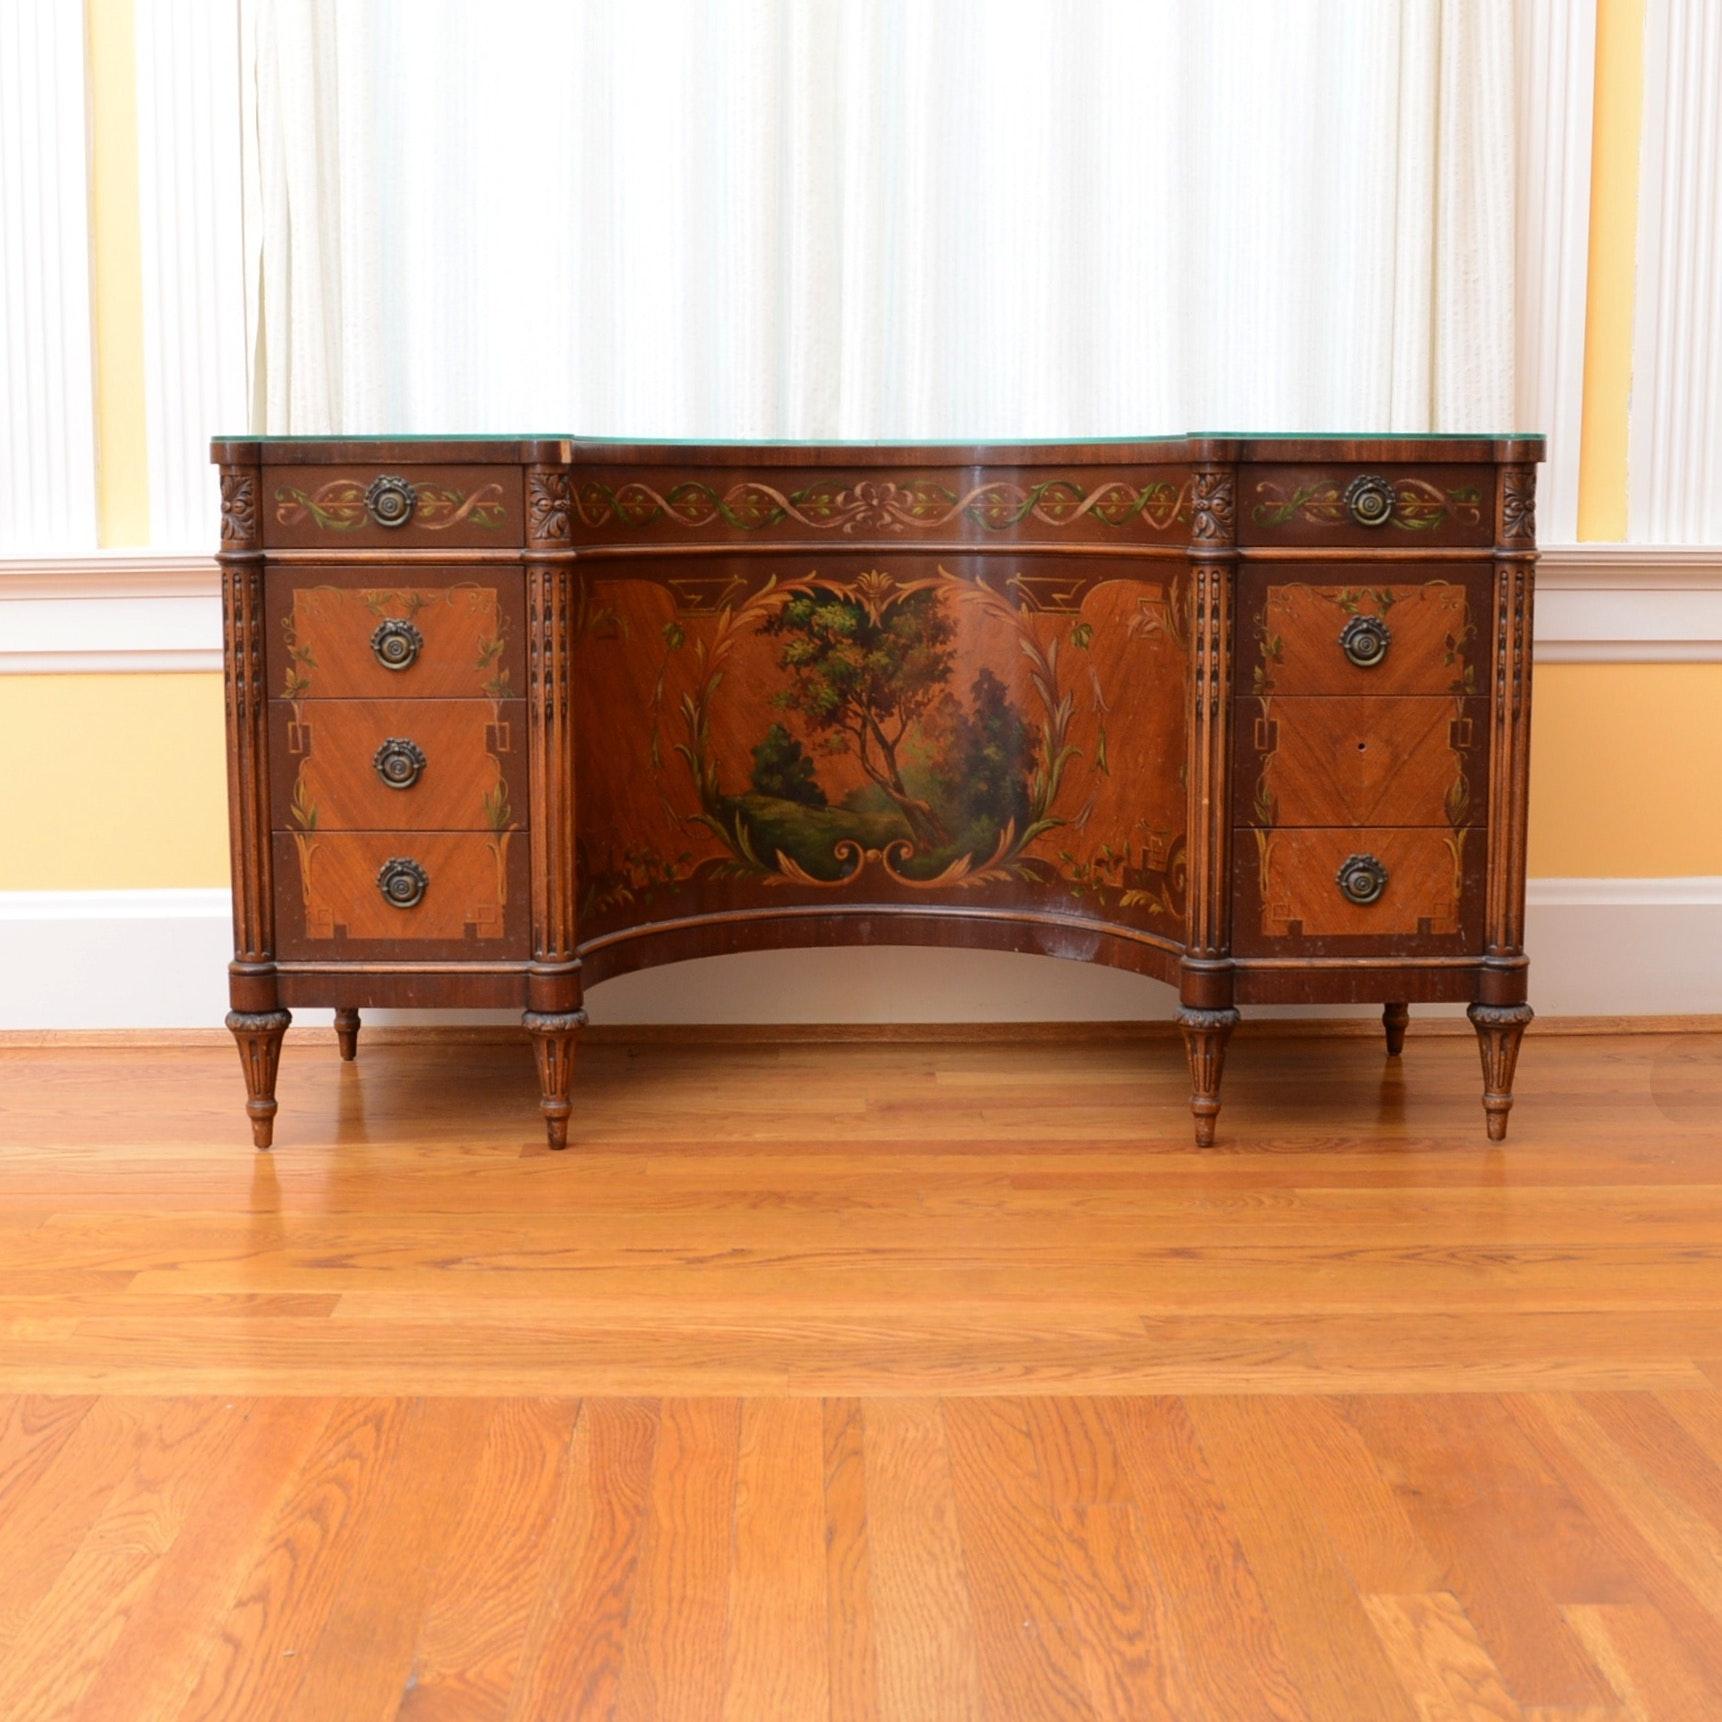 Antique Robert W. Irwin Lady's Vanity (Circa 1928)